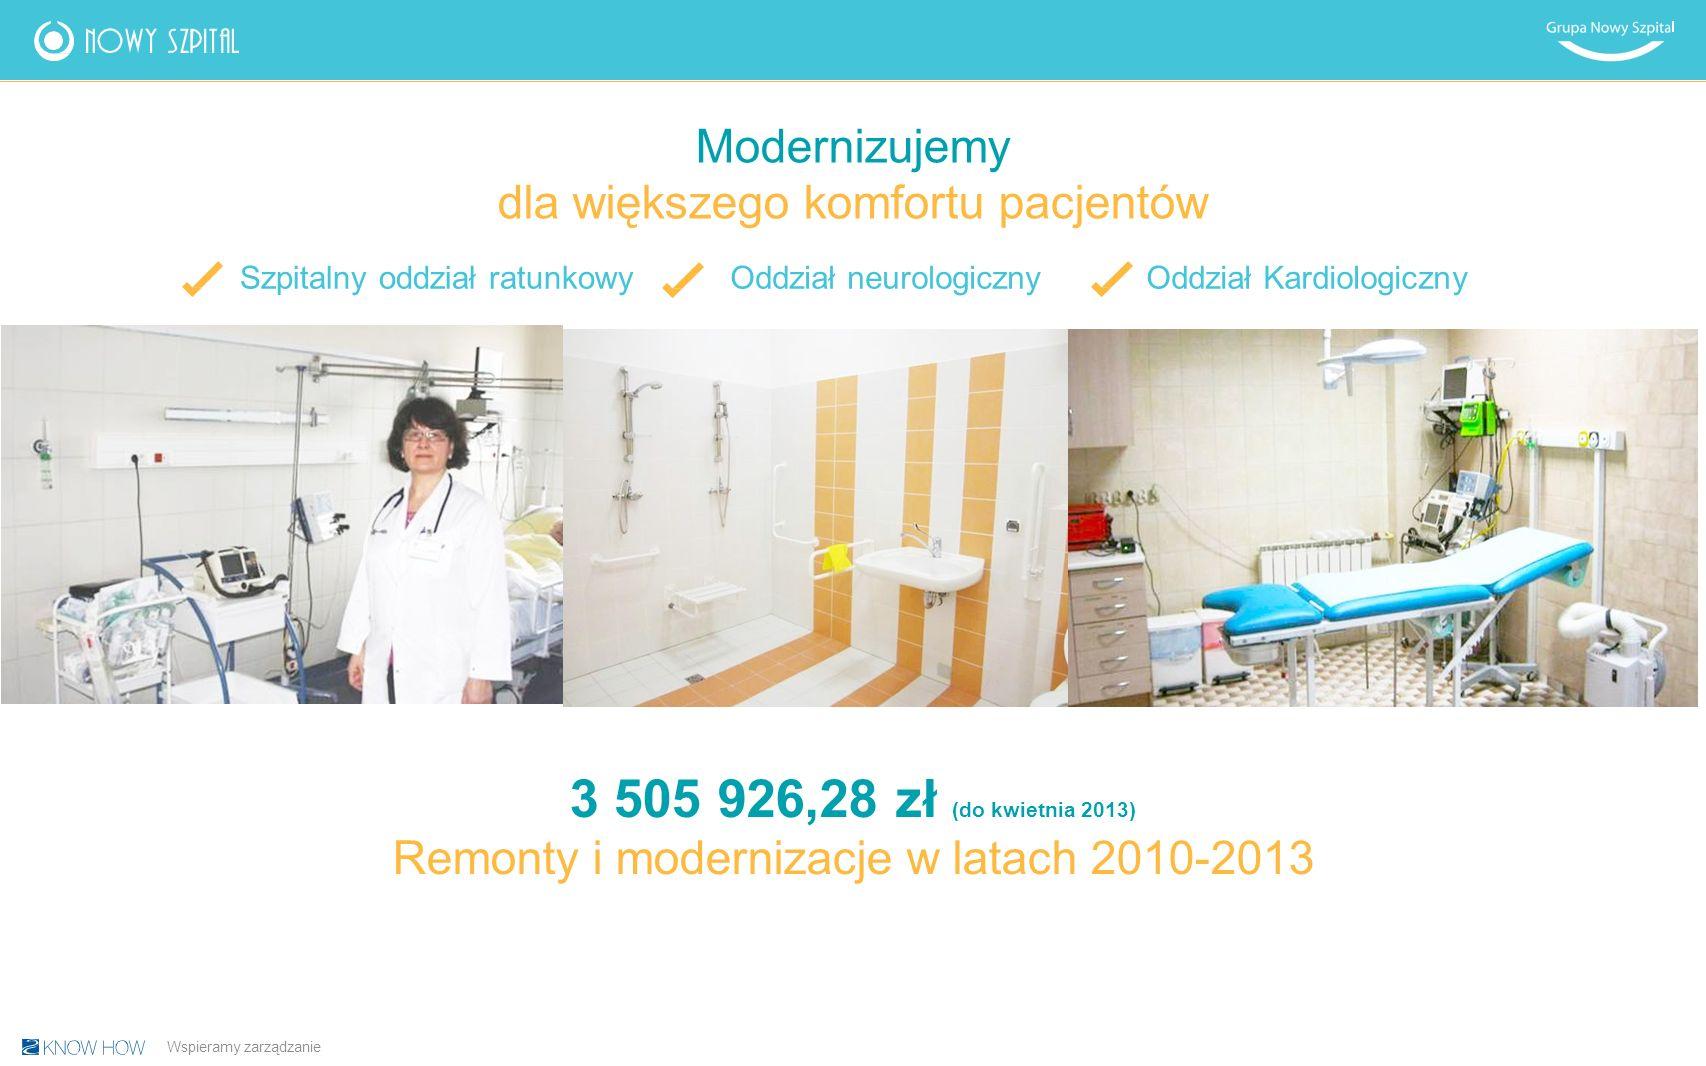 Modernizujemy dla większego komfortu pacjentów Szpitalny oddział ratunkowyOddział neurologicznyOddział Kardiologiczny Wspieramy zarządzanie 3 505 926,28 zł (do kwietnia 2013) Remonty i modernizacje w latach 2010-2013